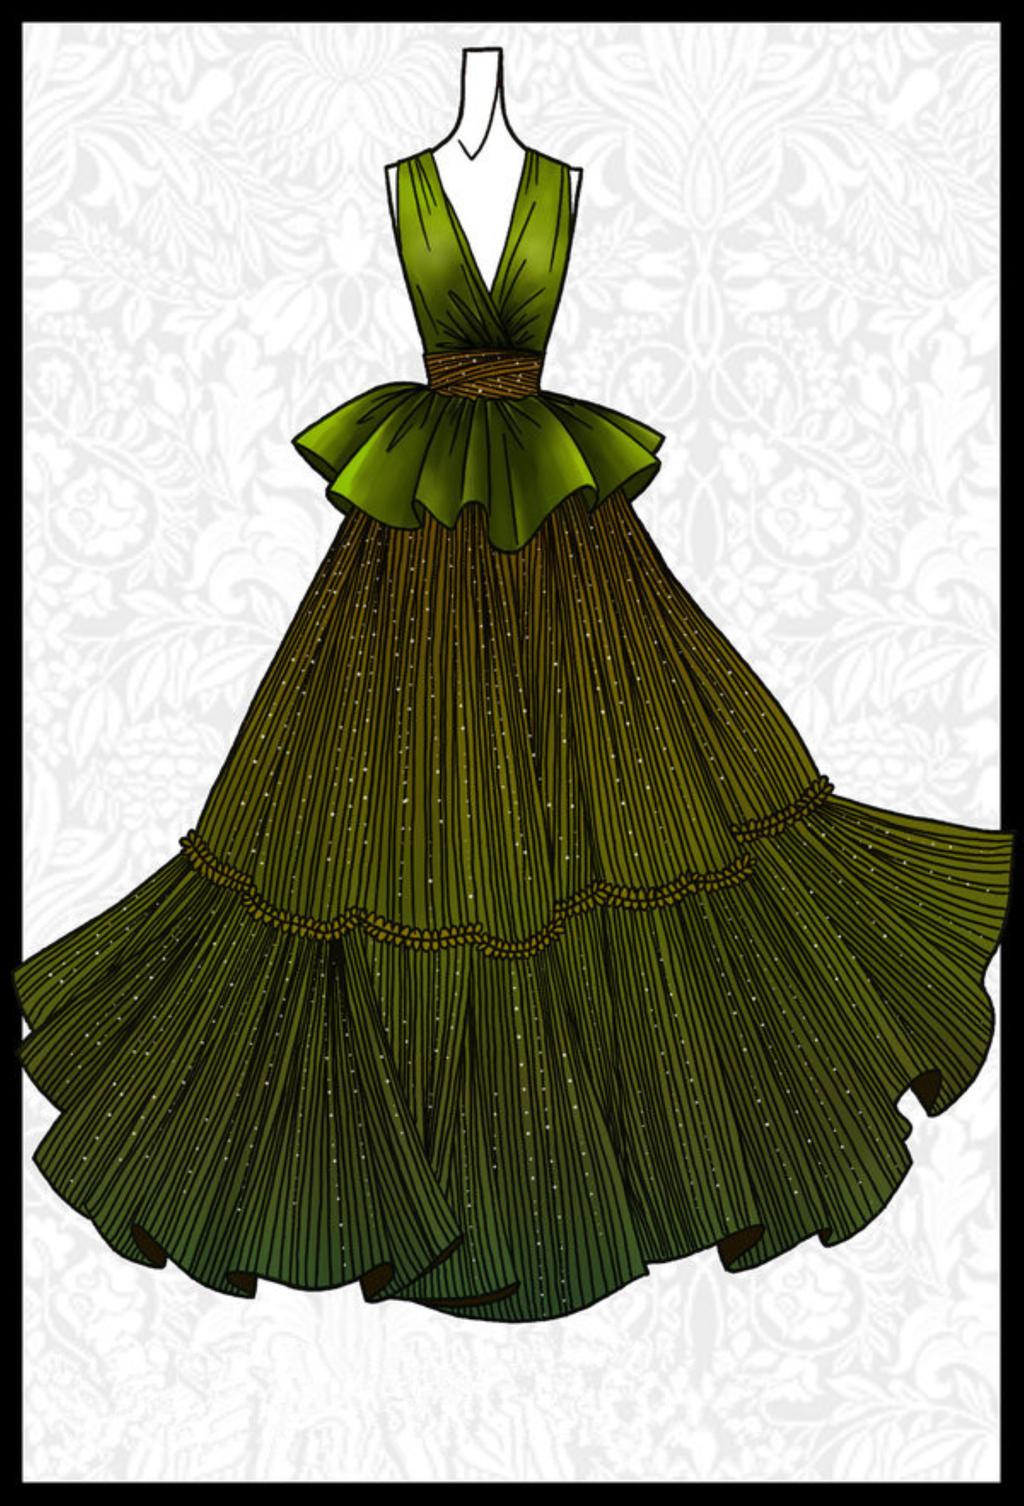 线描稿 服装设计 女装设计 裤子设计 手绘设计 原稿 裙子 线条 女装